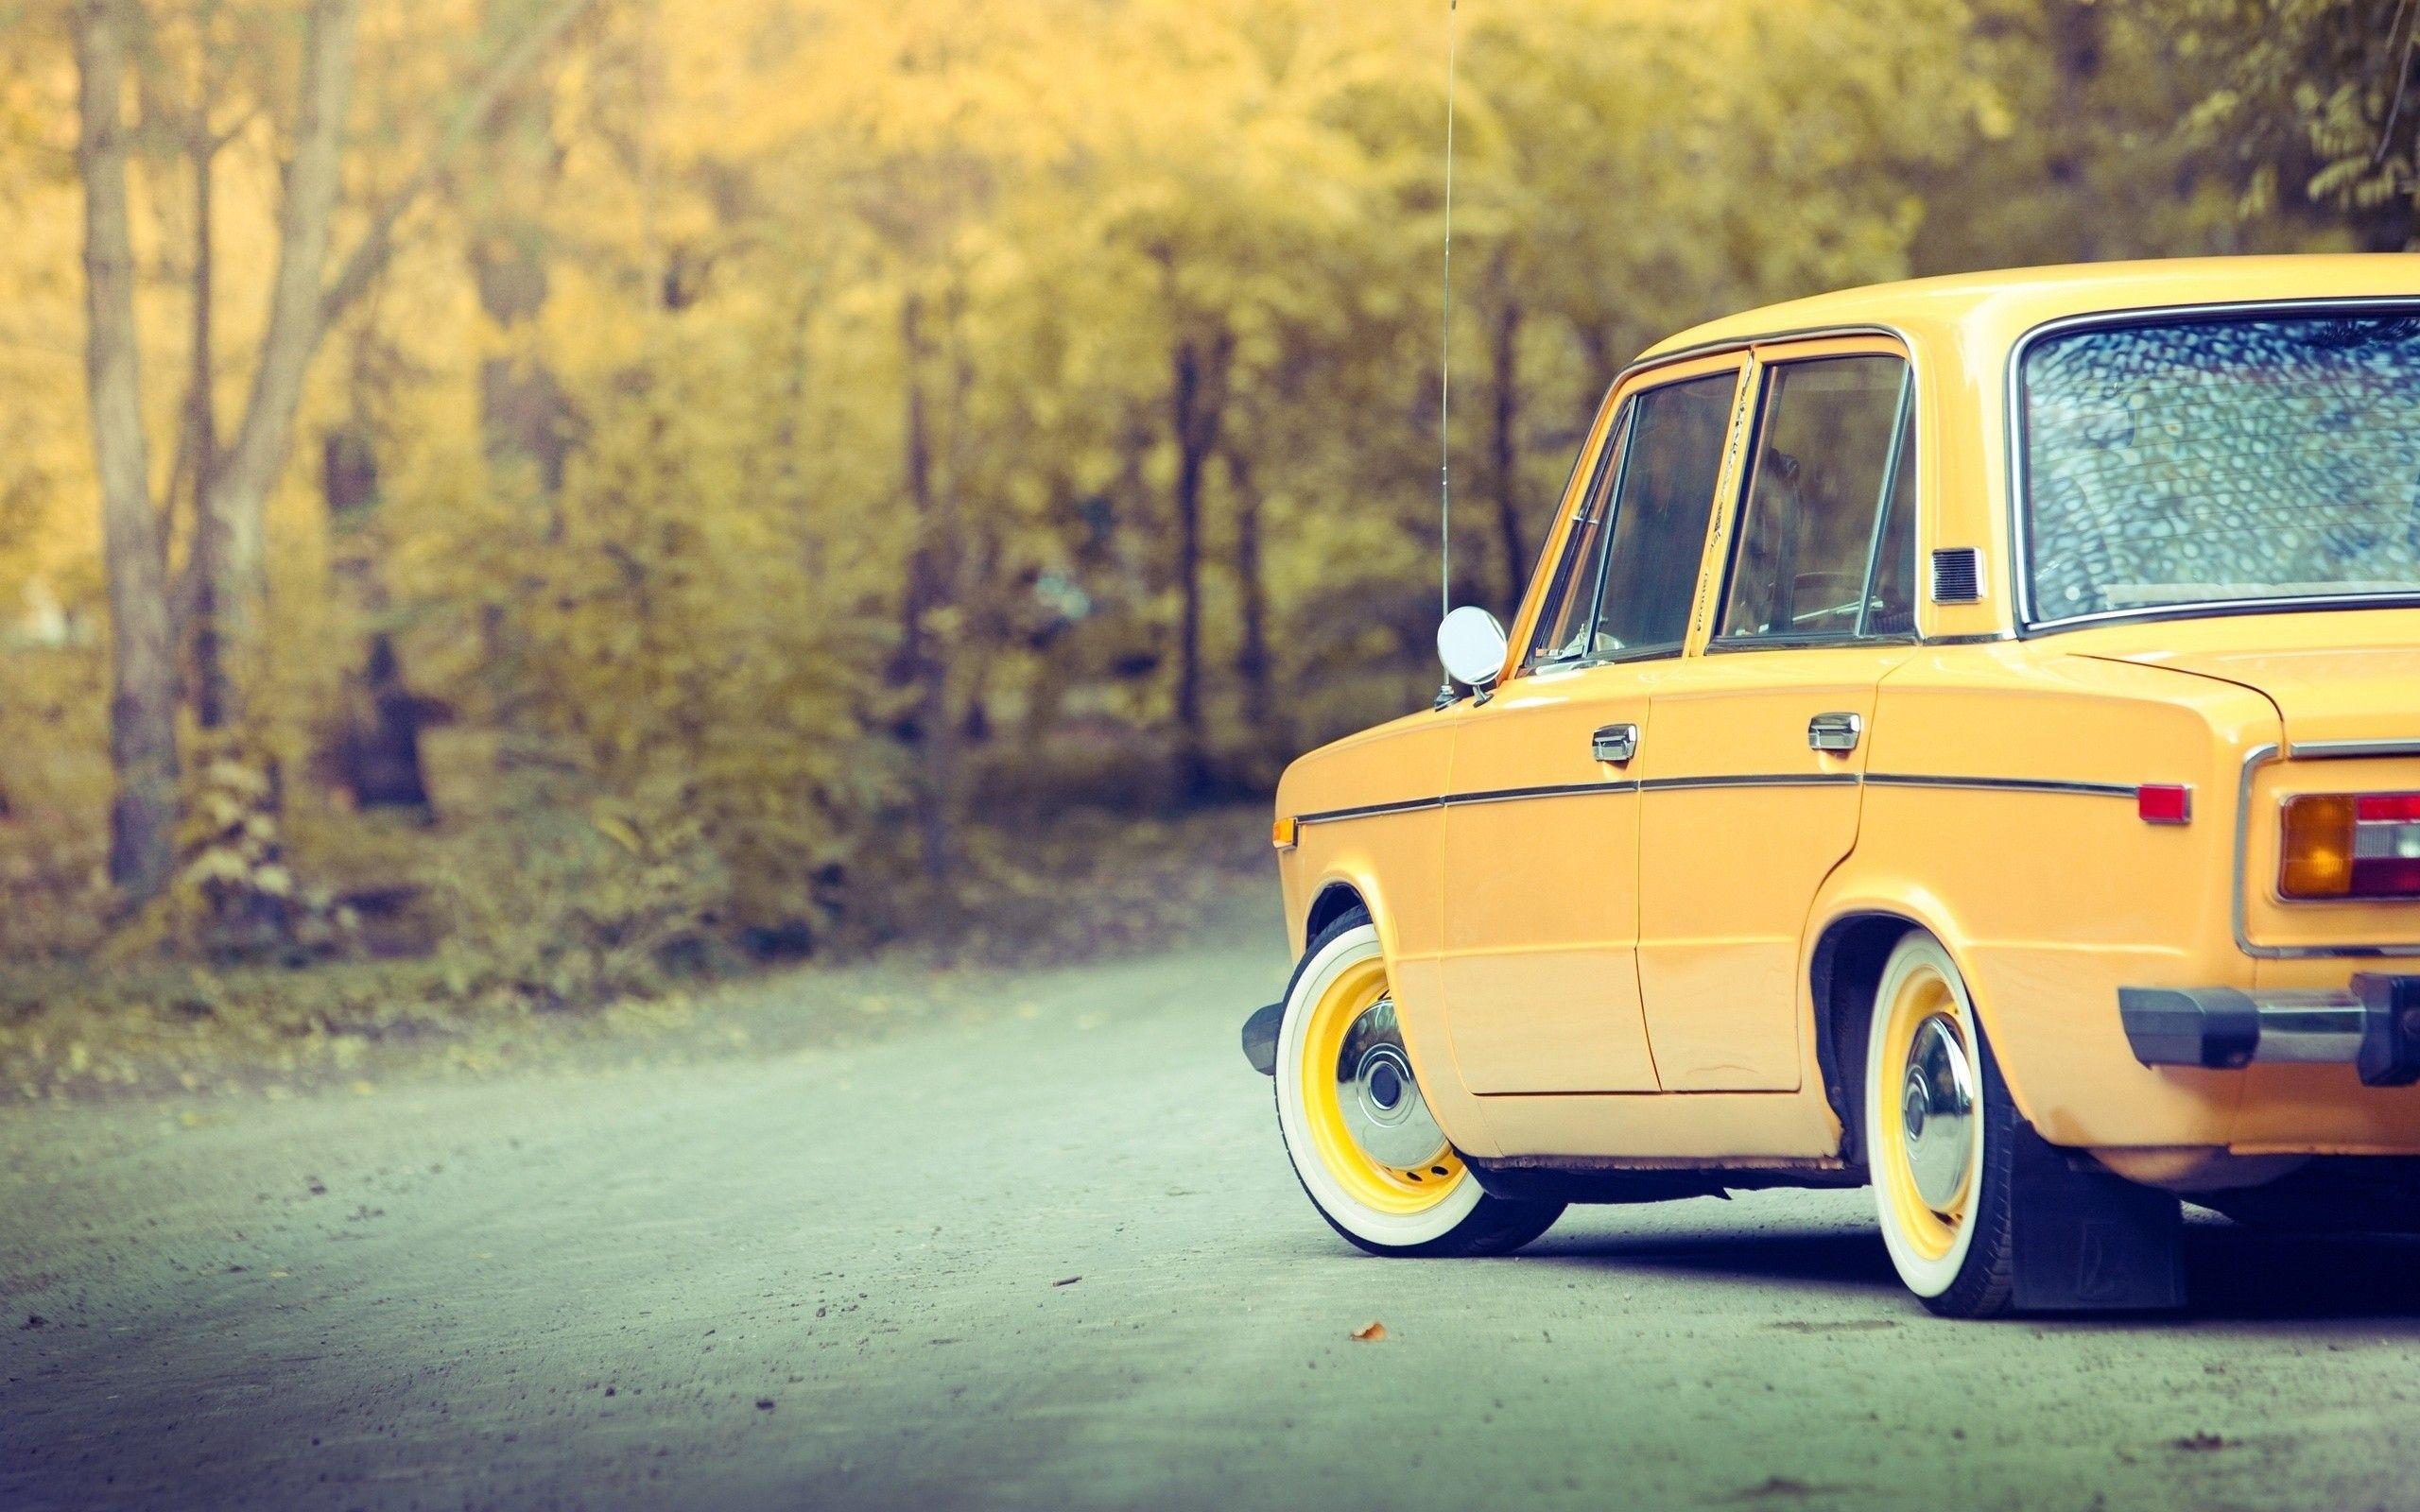 Autumn Cars Russian Vaz Wallpaper 1529660 Wallbase Cc Klassicheskie Avtomobili Avtomobili Klassiki